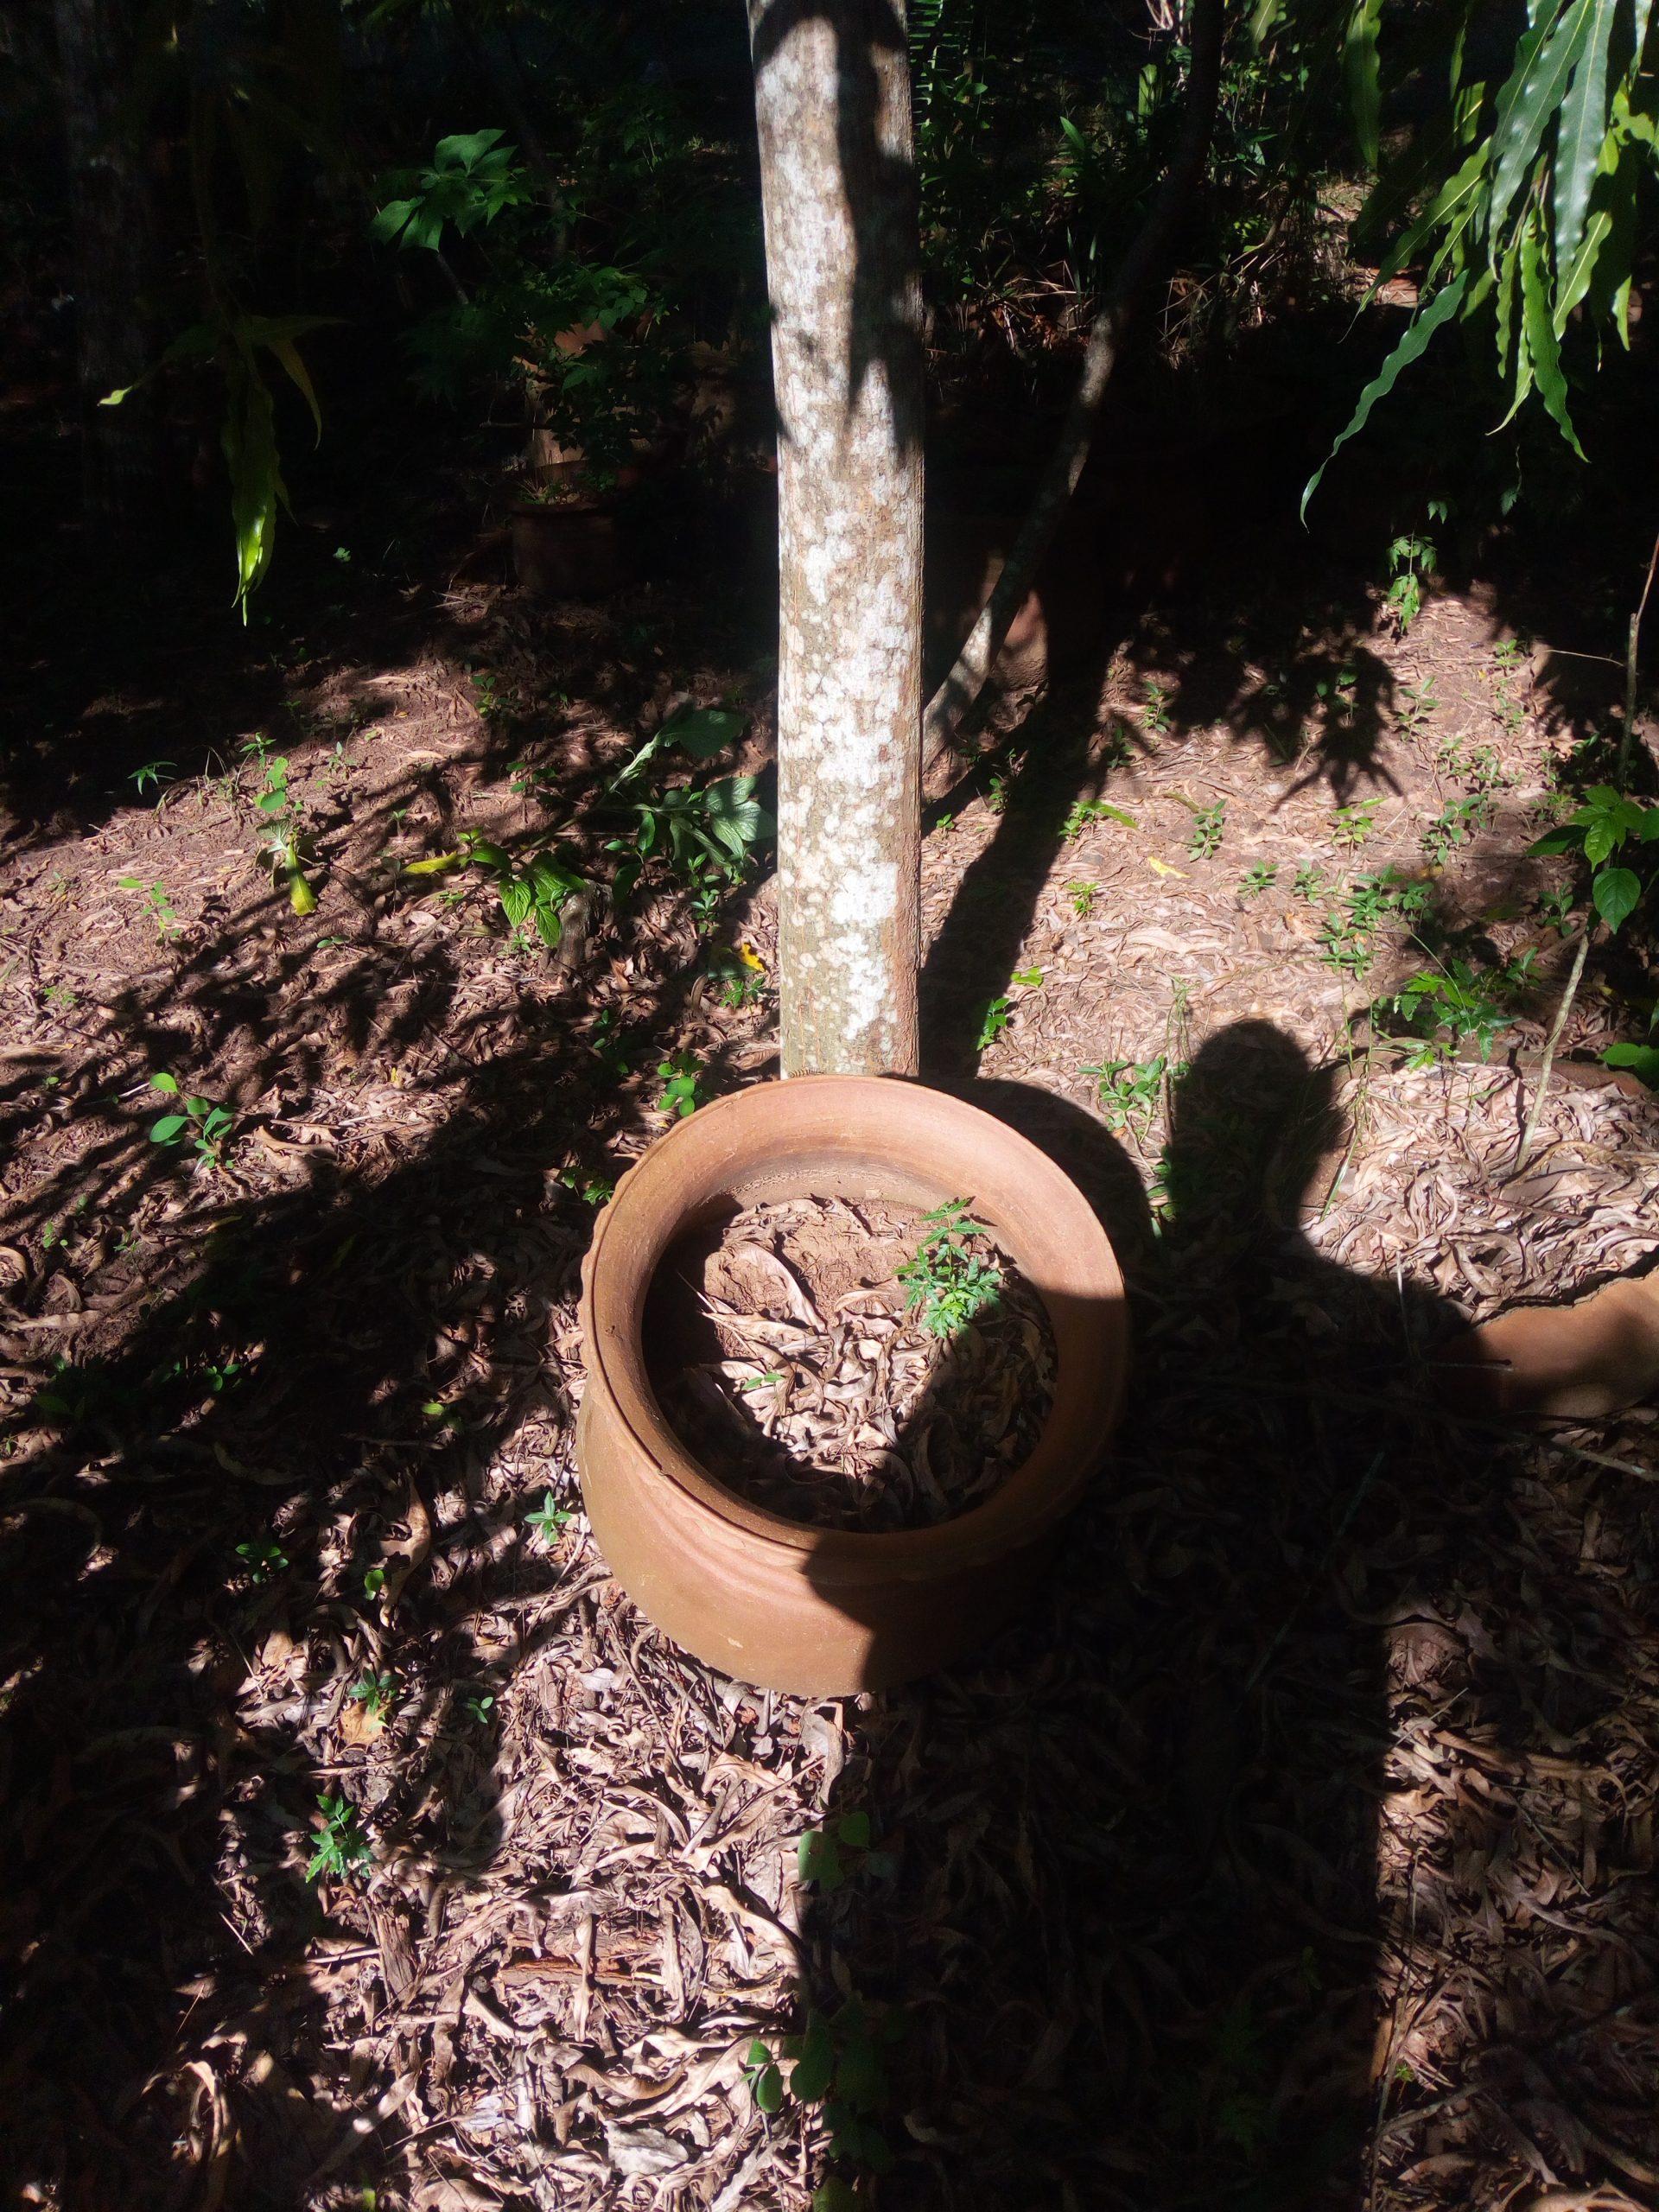 File:jardin Botanique 16.jpg - Wikimedia Commons destiné Jarre De Jardin